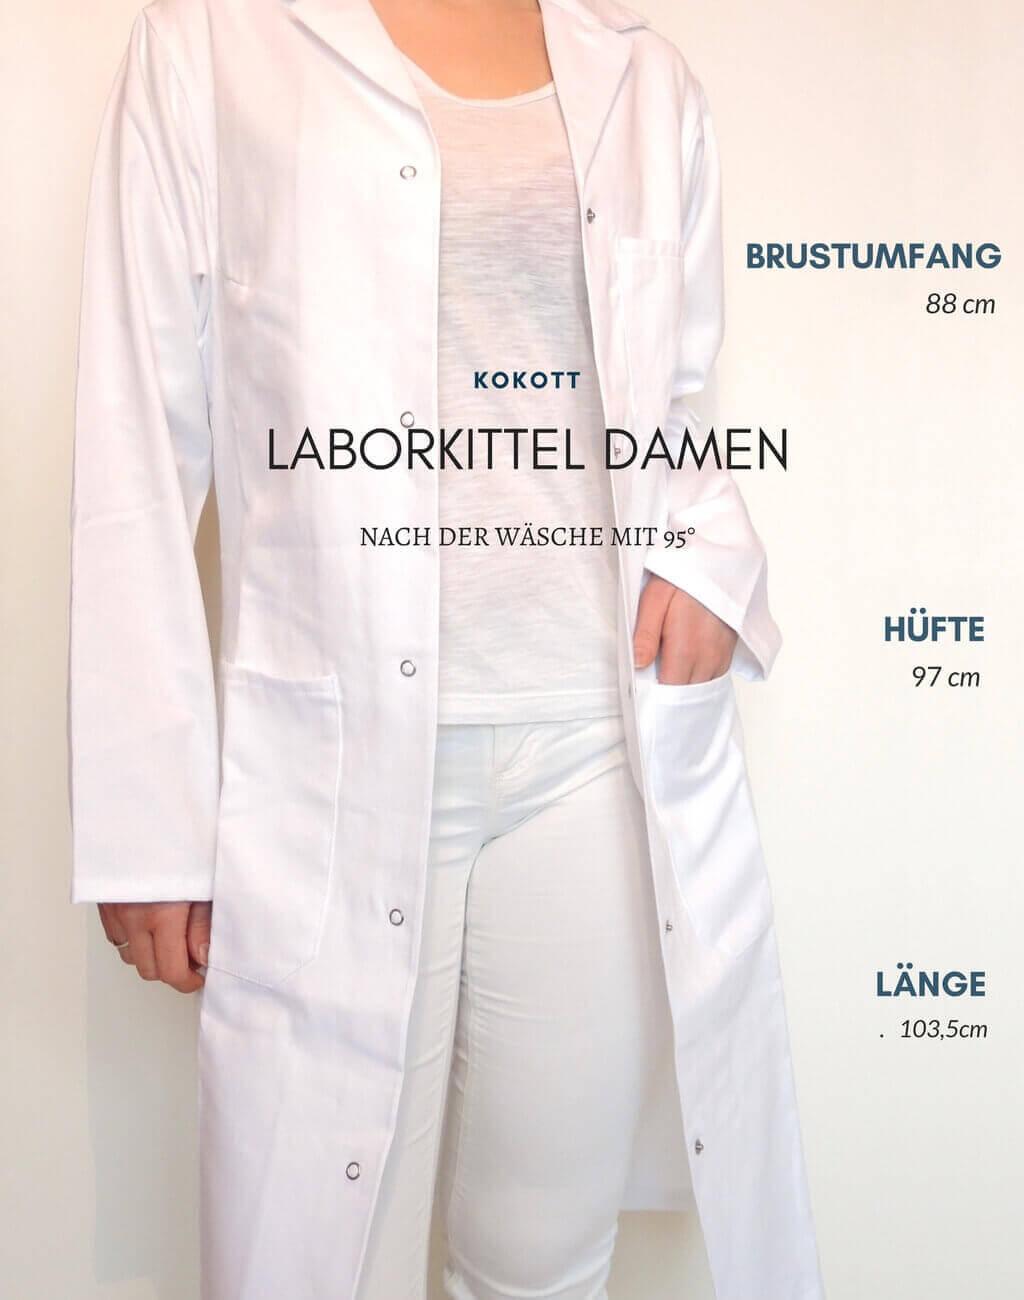 Kokott-Laborkittel-Damen-tailliert-Maße-1